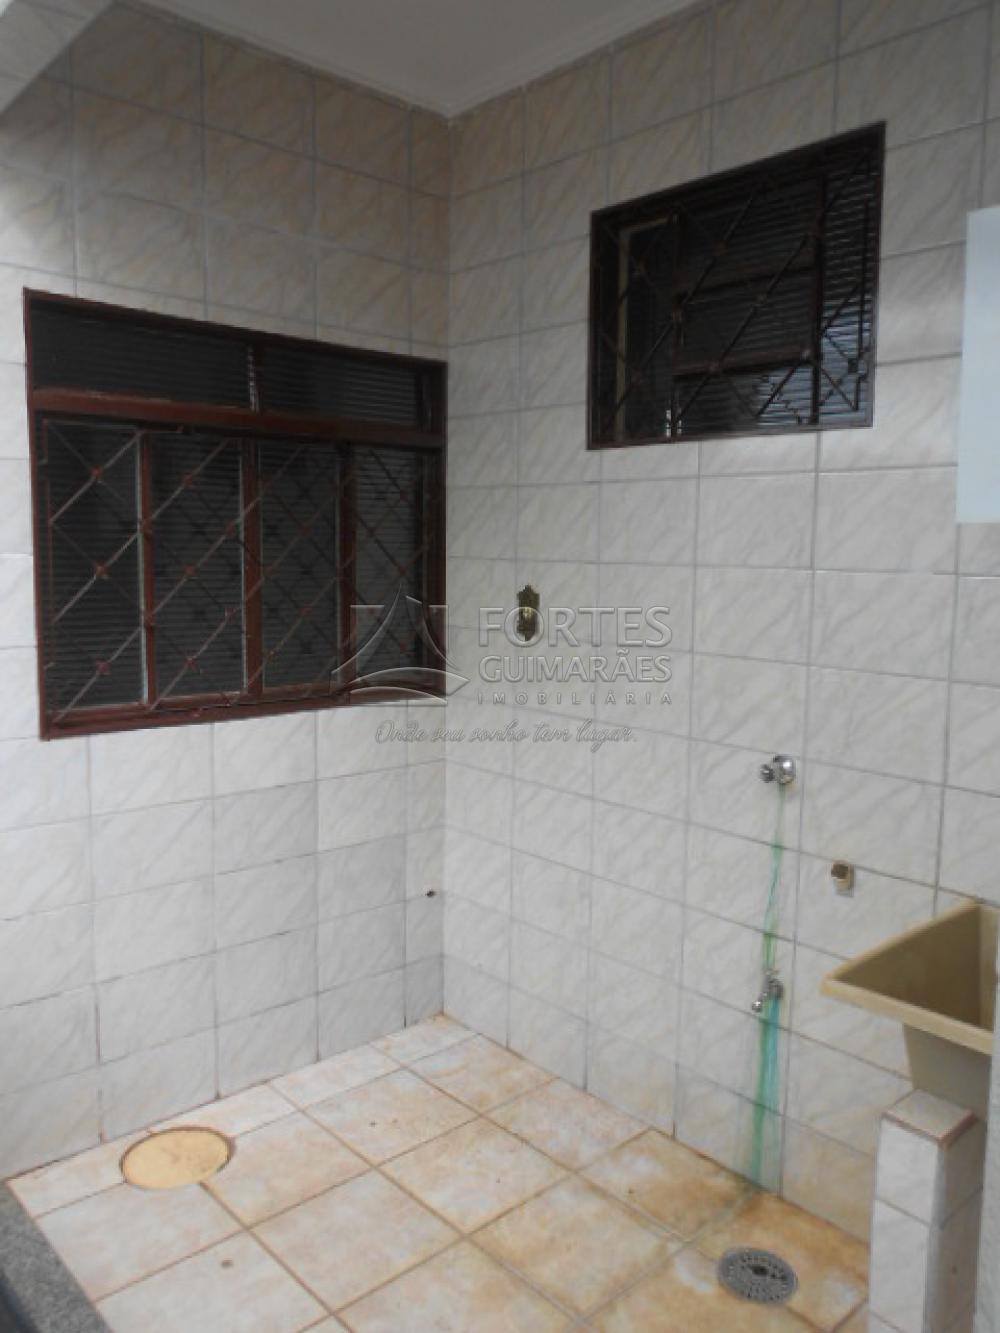 Alugar Casas / Padrão em Ribeirão Preto apenas R$ 950,00 - Foto 26